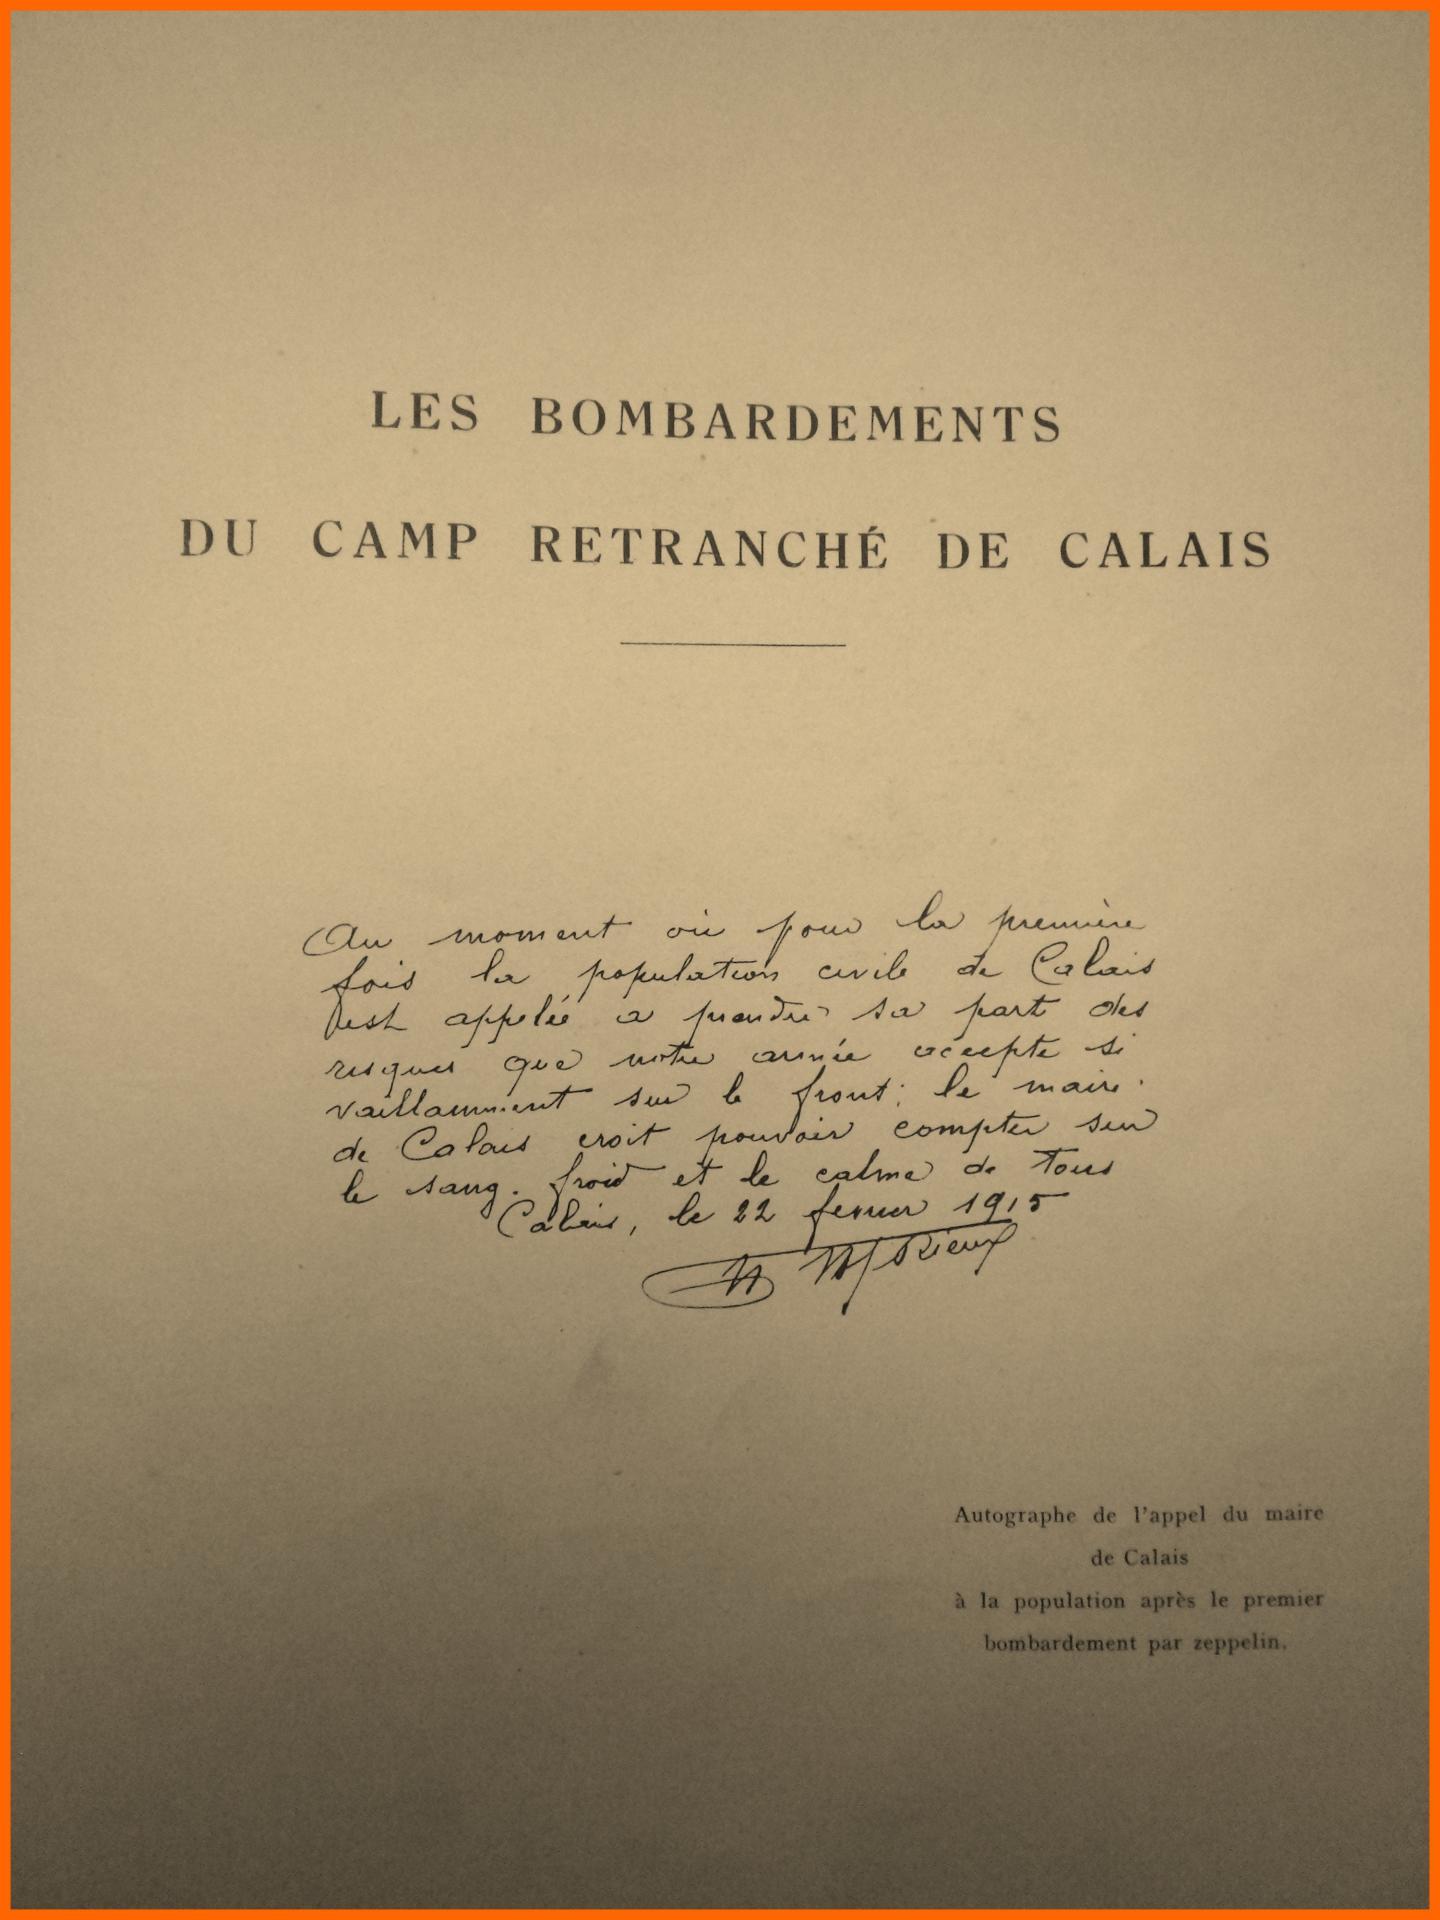 Calais 14 18 appel du maire de calais encadre